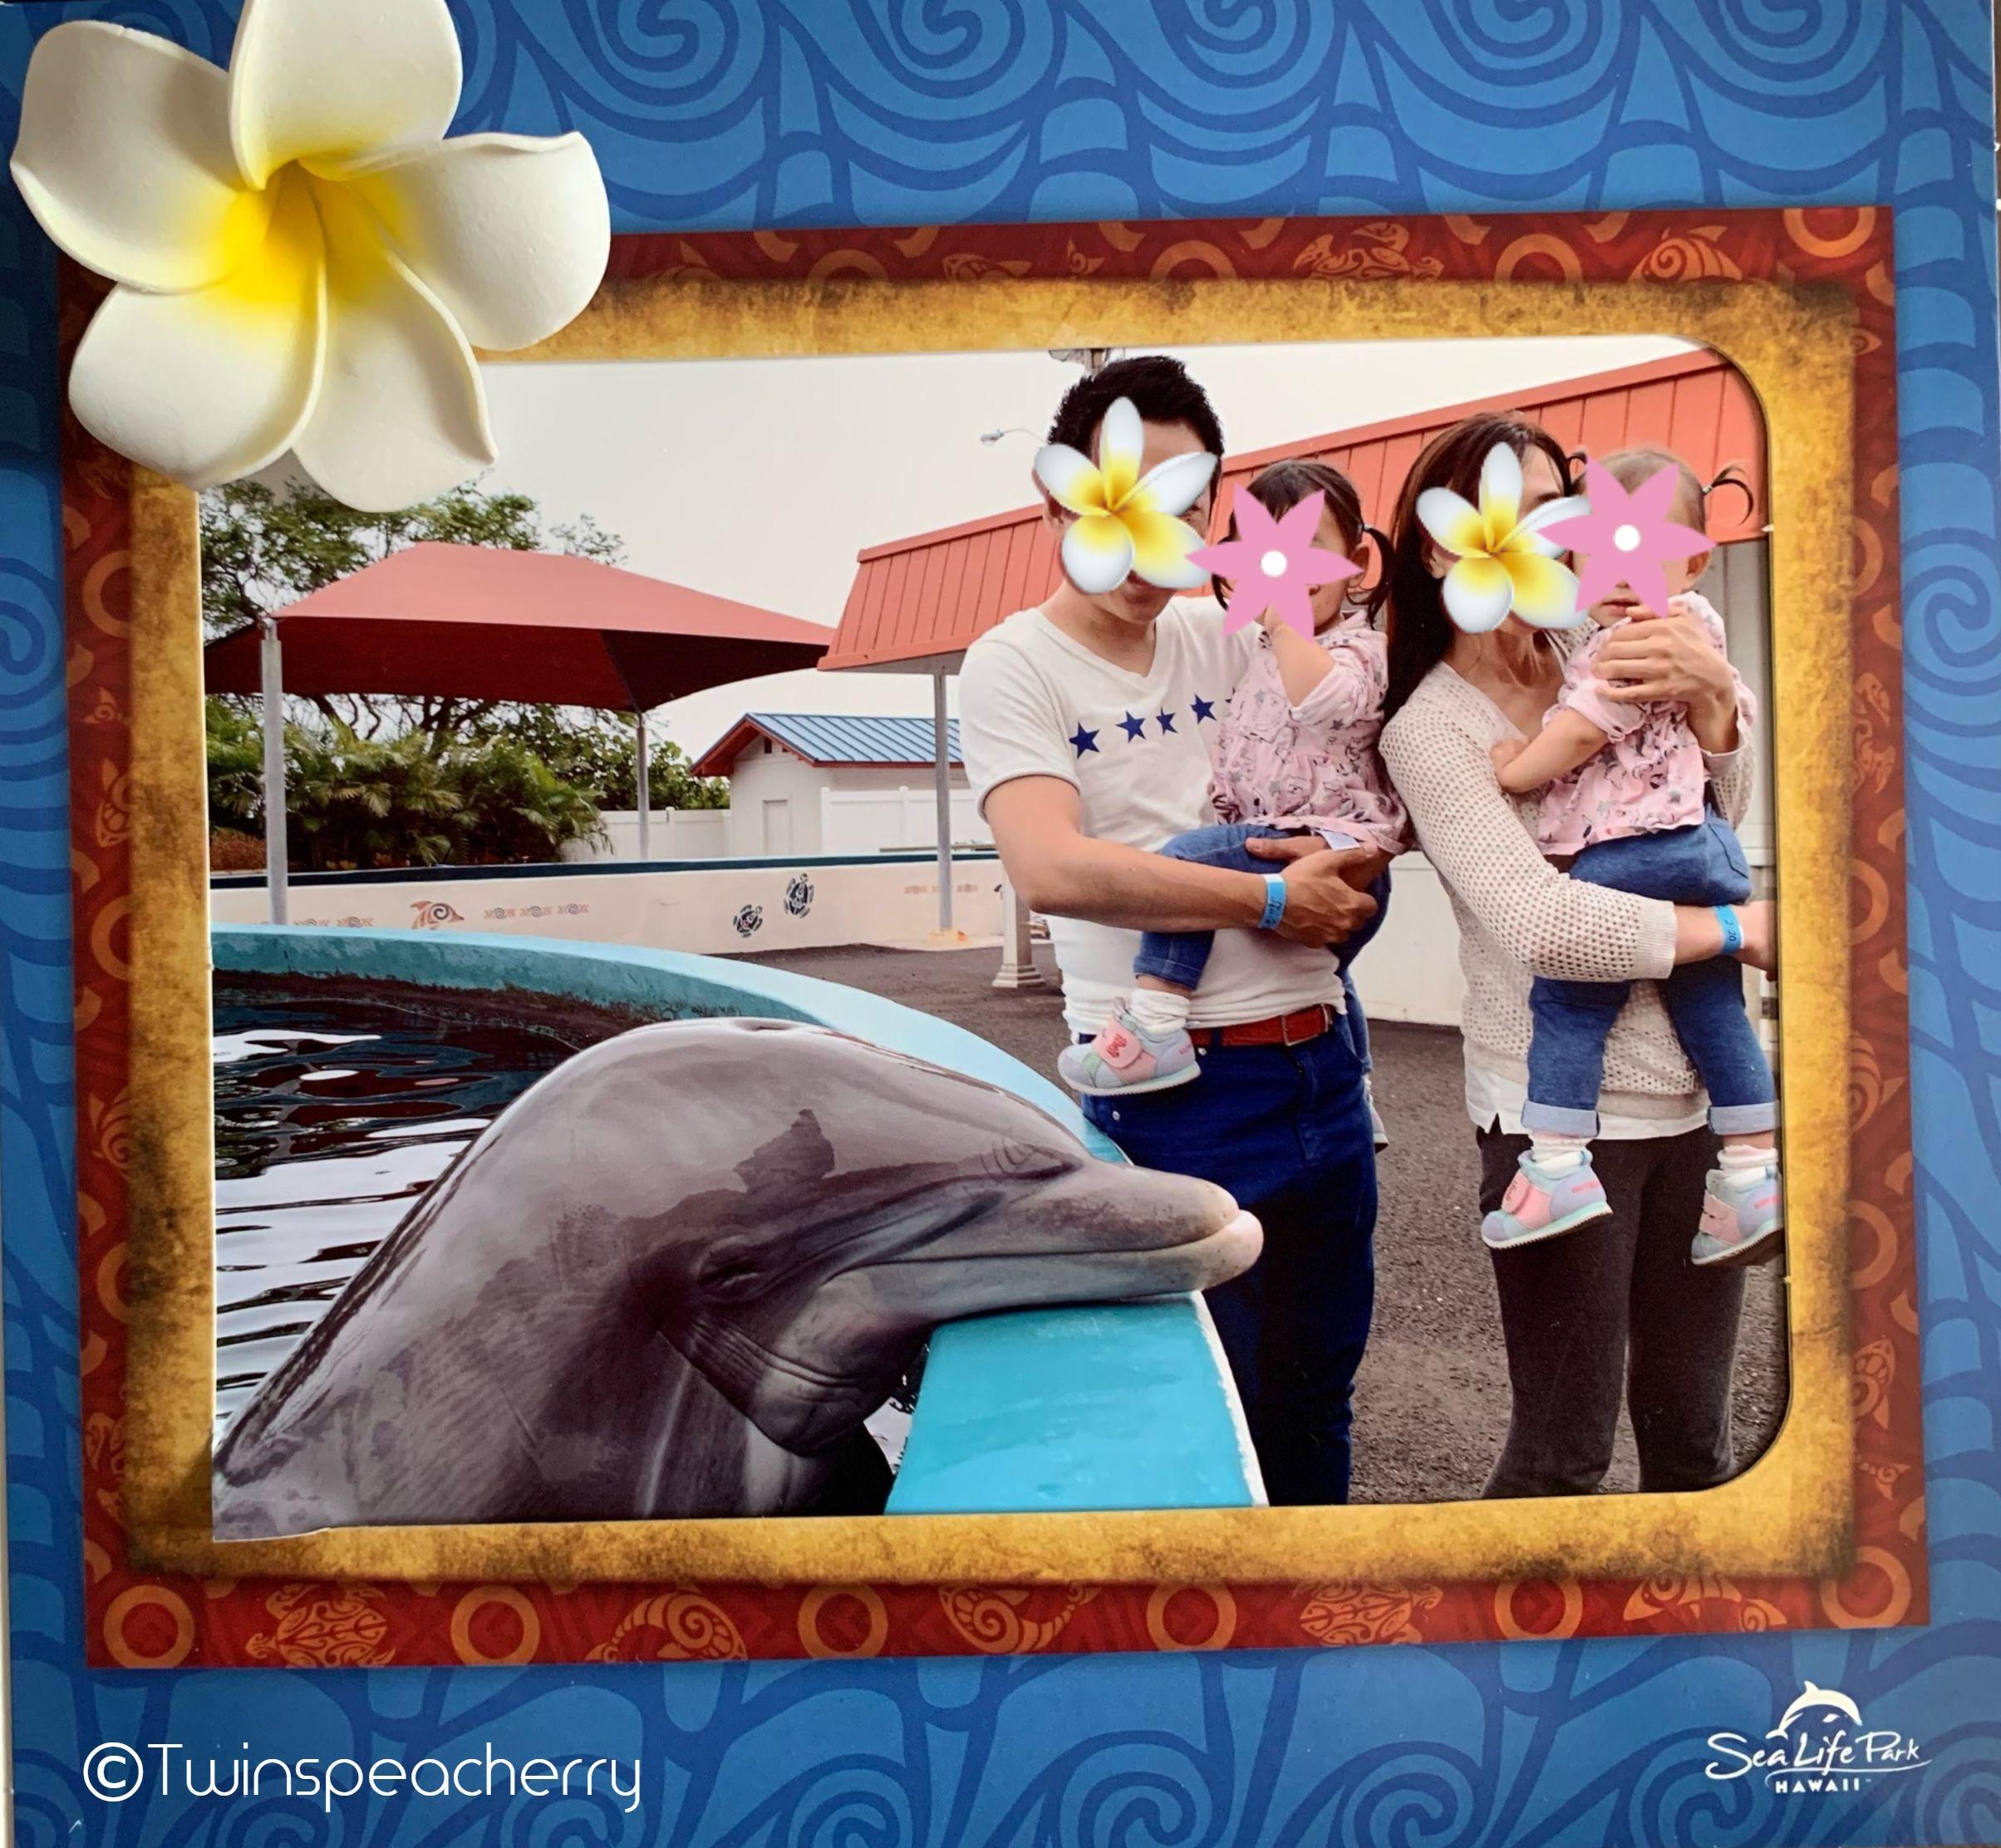 Sea Life Park(シーライフパーク)ドルフィン・アロハ(Dolphin・aloha)|幼児(双子2歳)とハワイ オアフ島 旅行